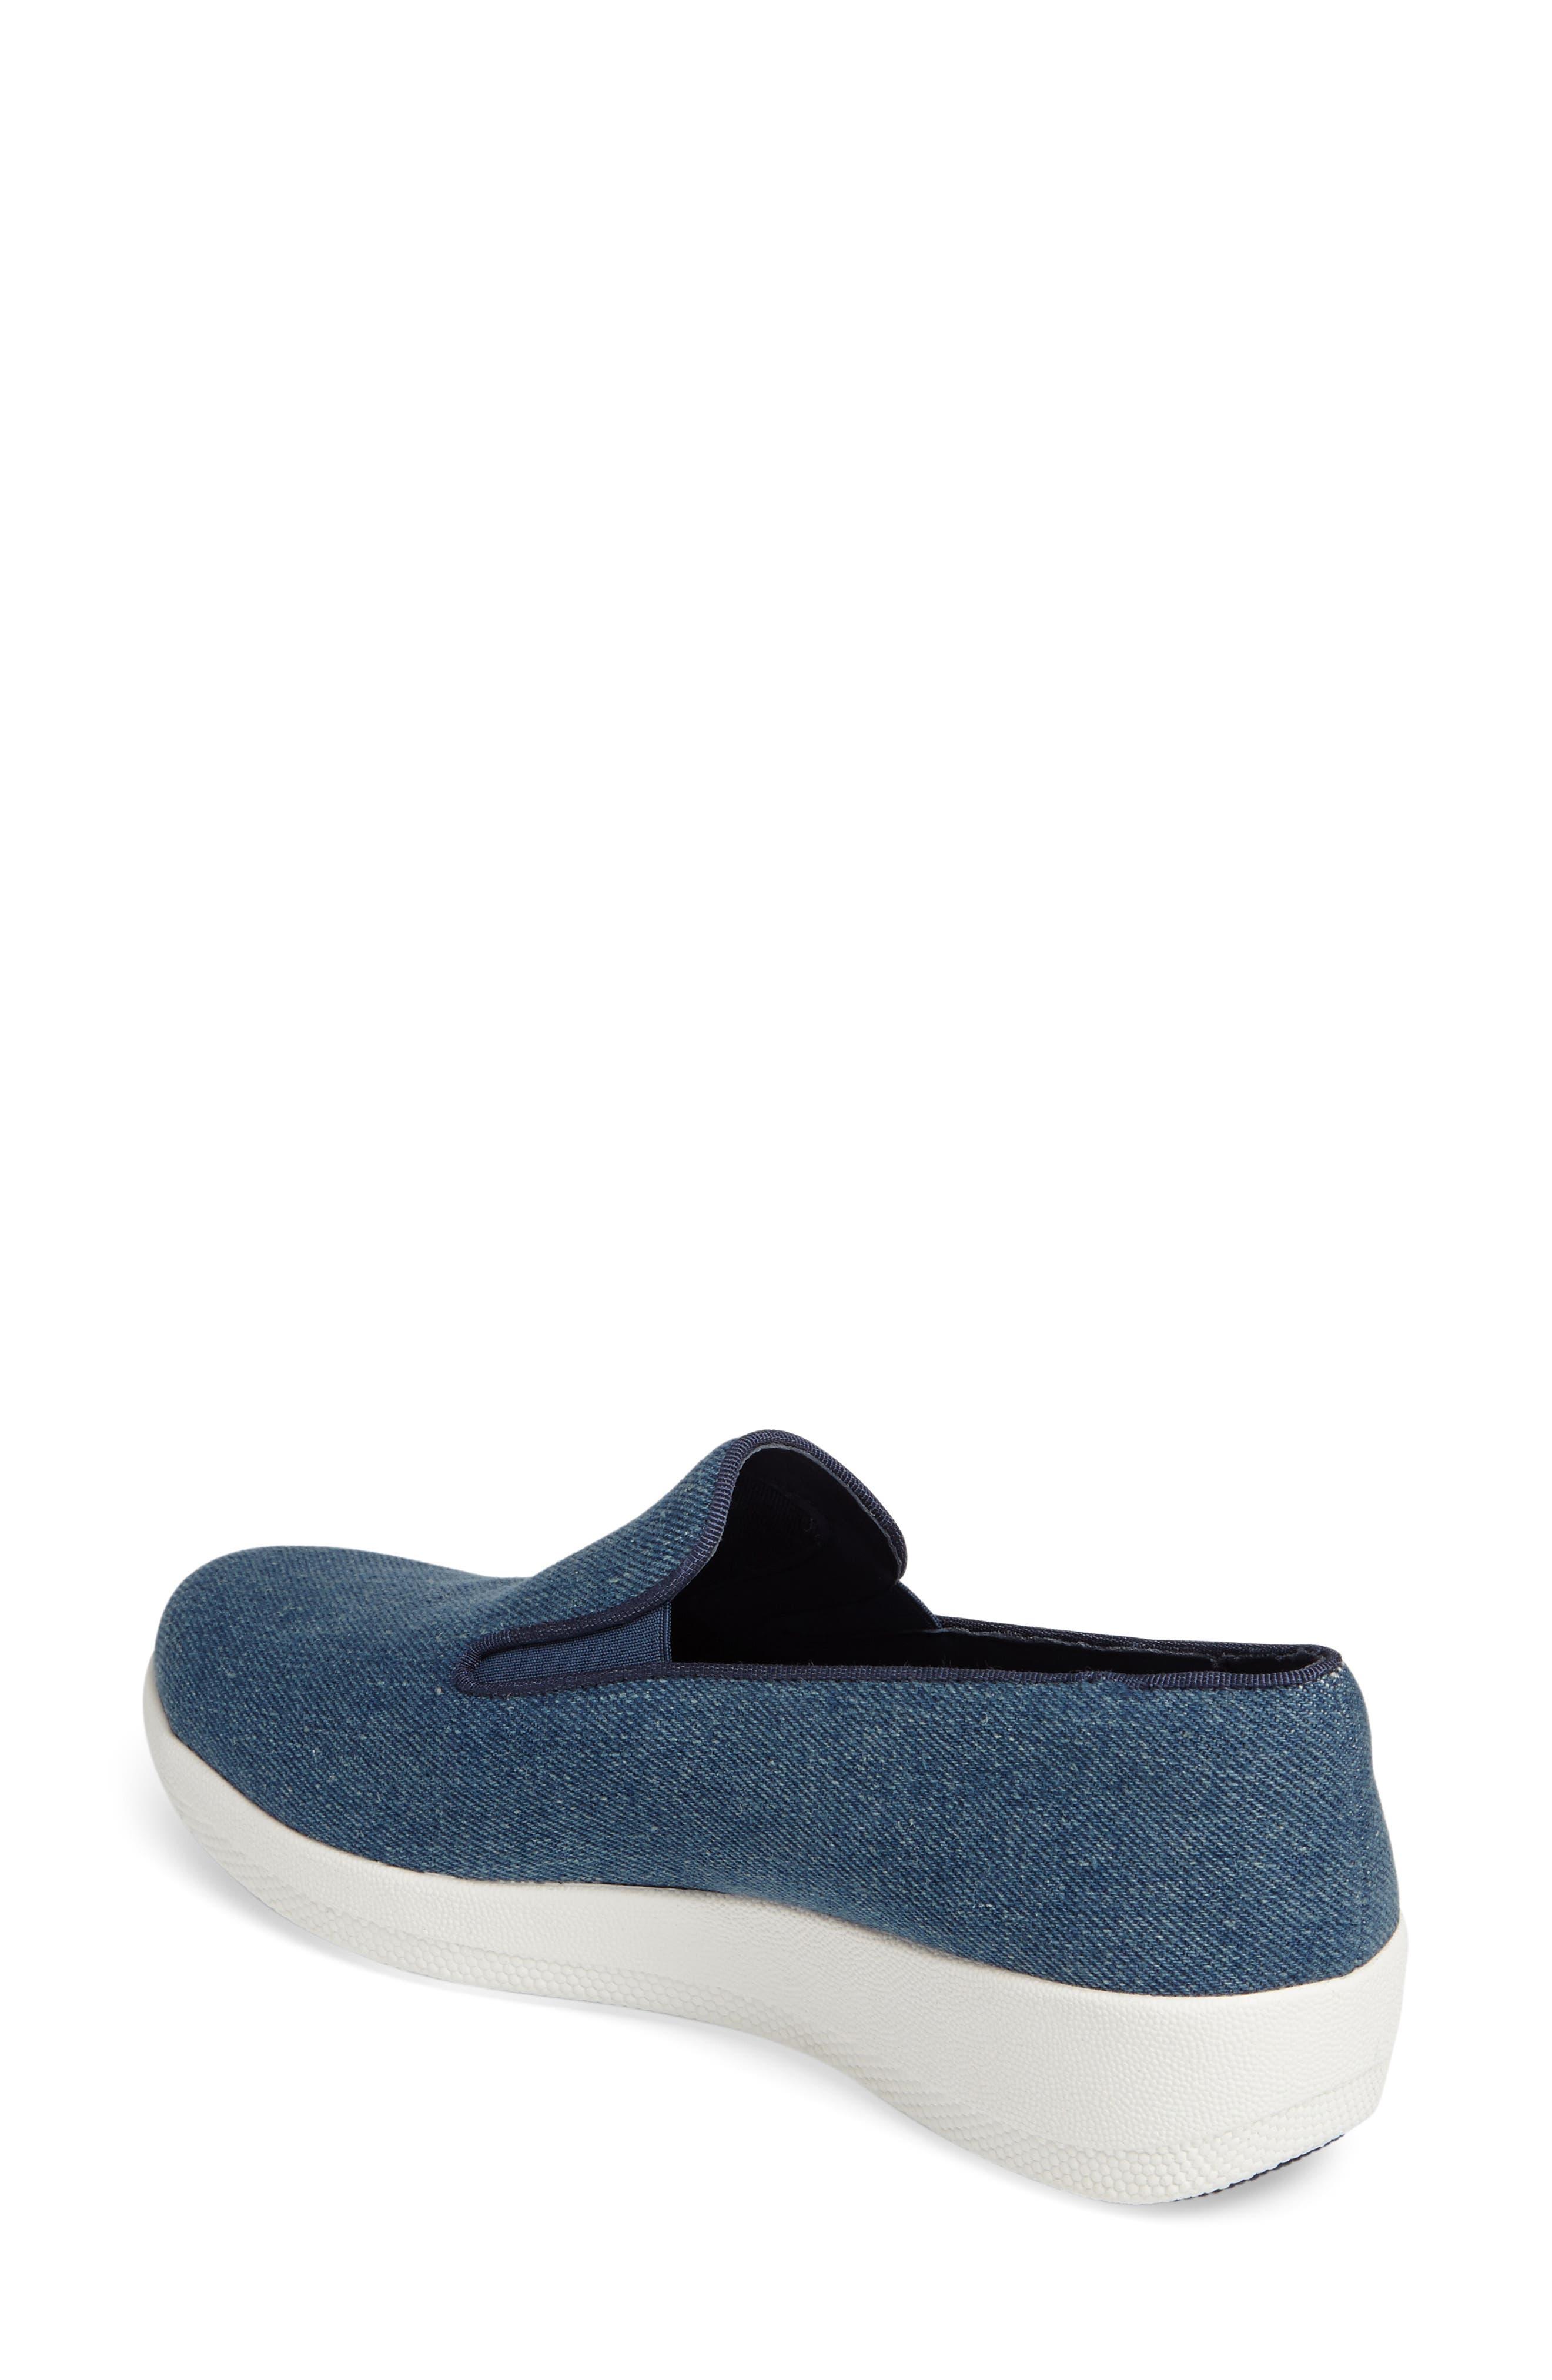 Superskate Slip-On Sneaker,                             Alternate thumbnail 36, color,